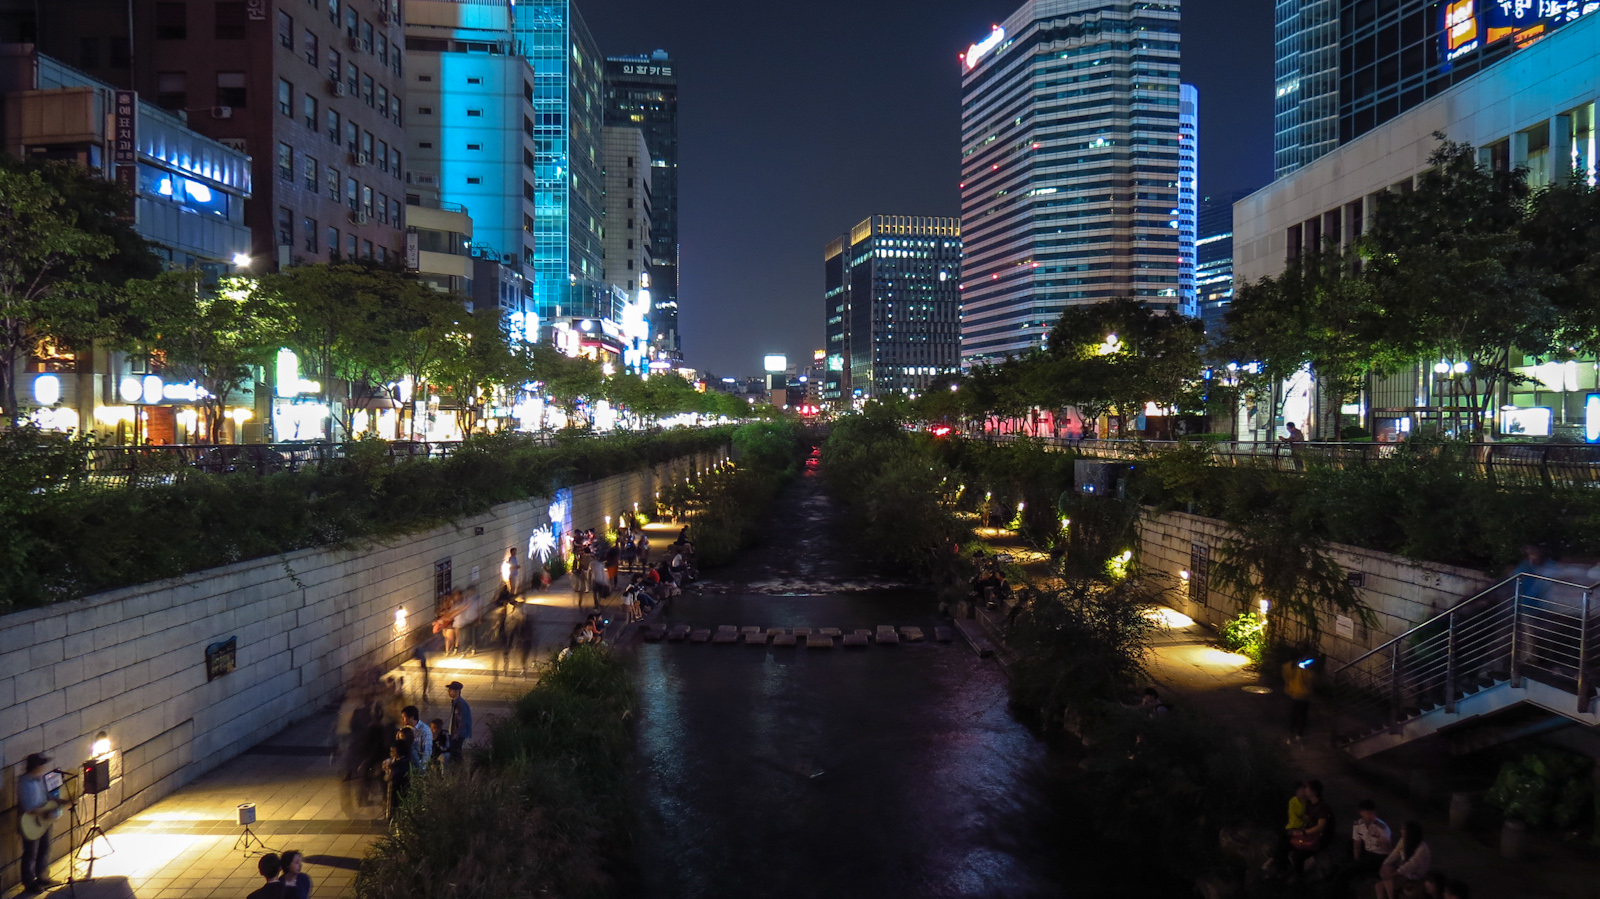 cheonggyecheon-stream-and-city-view.jpg